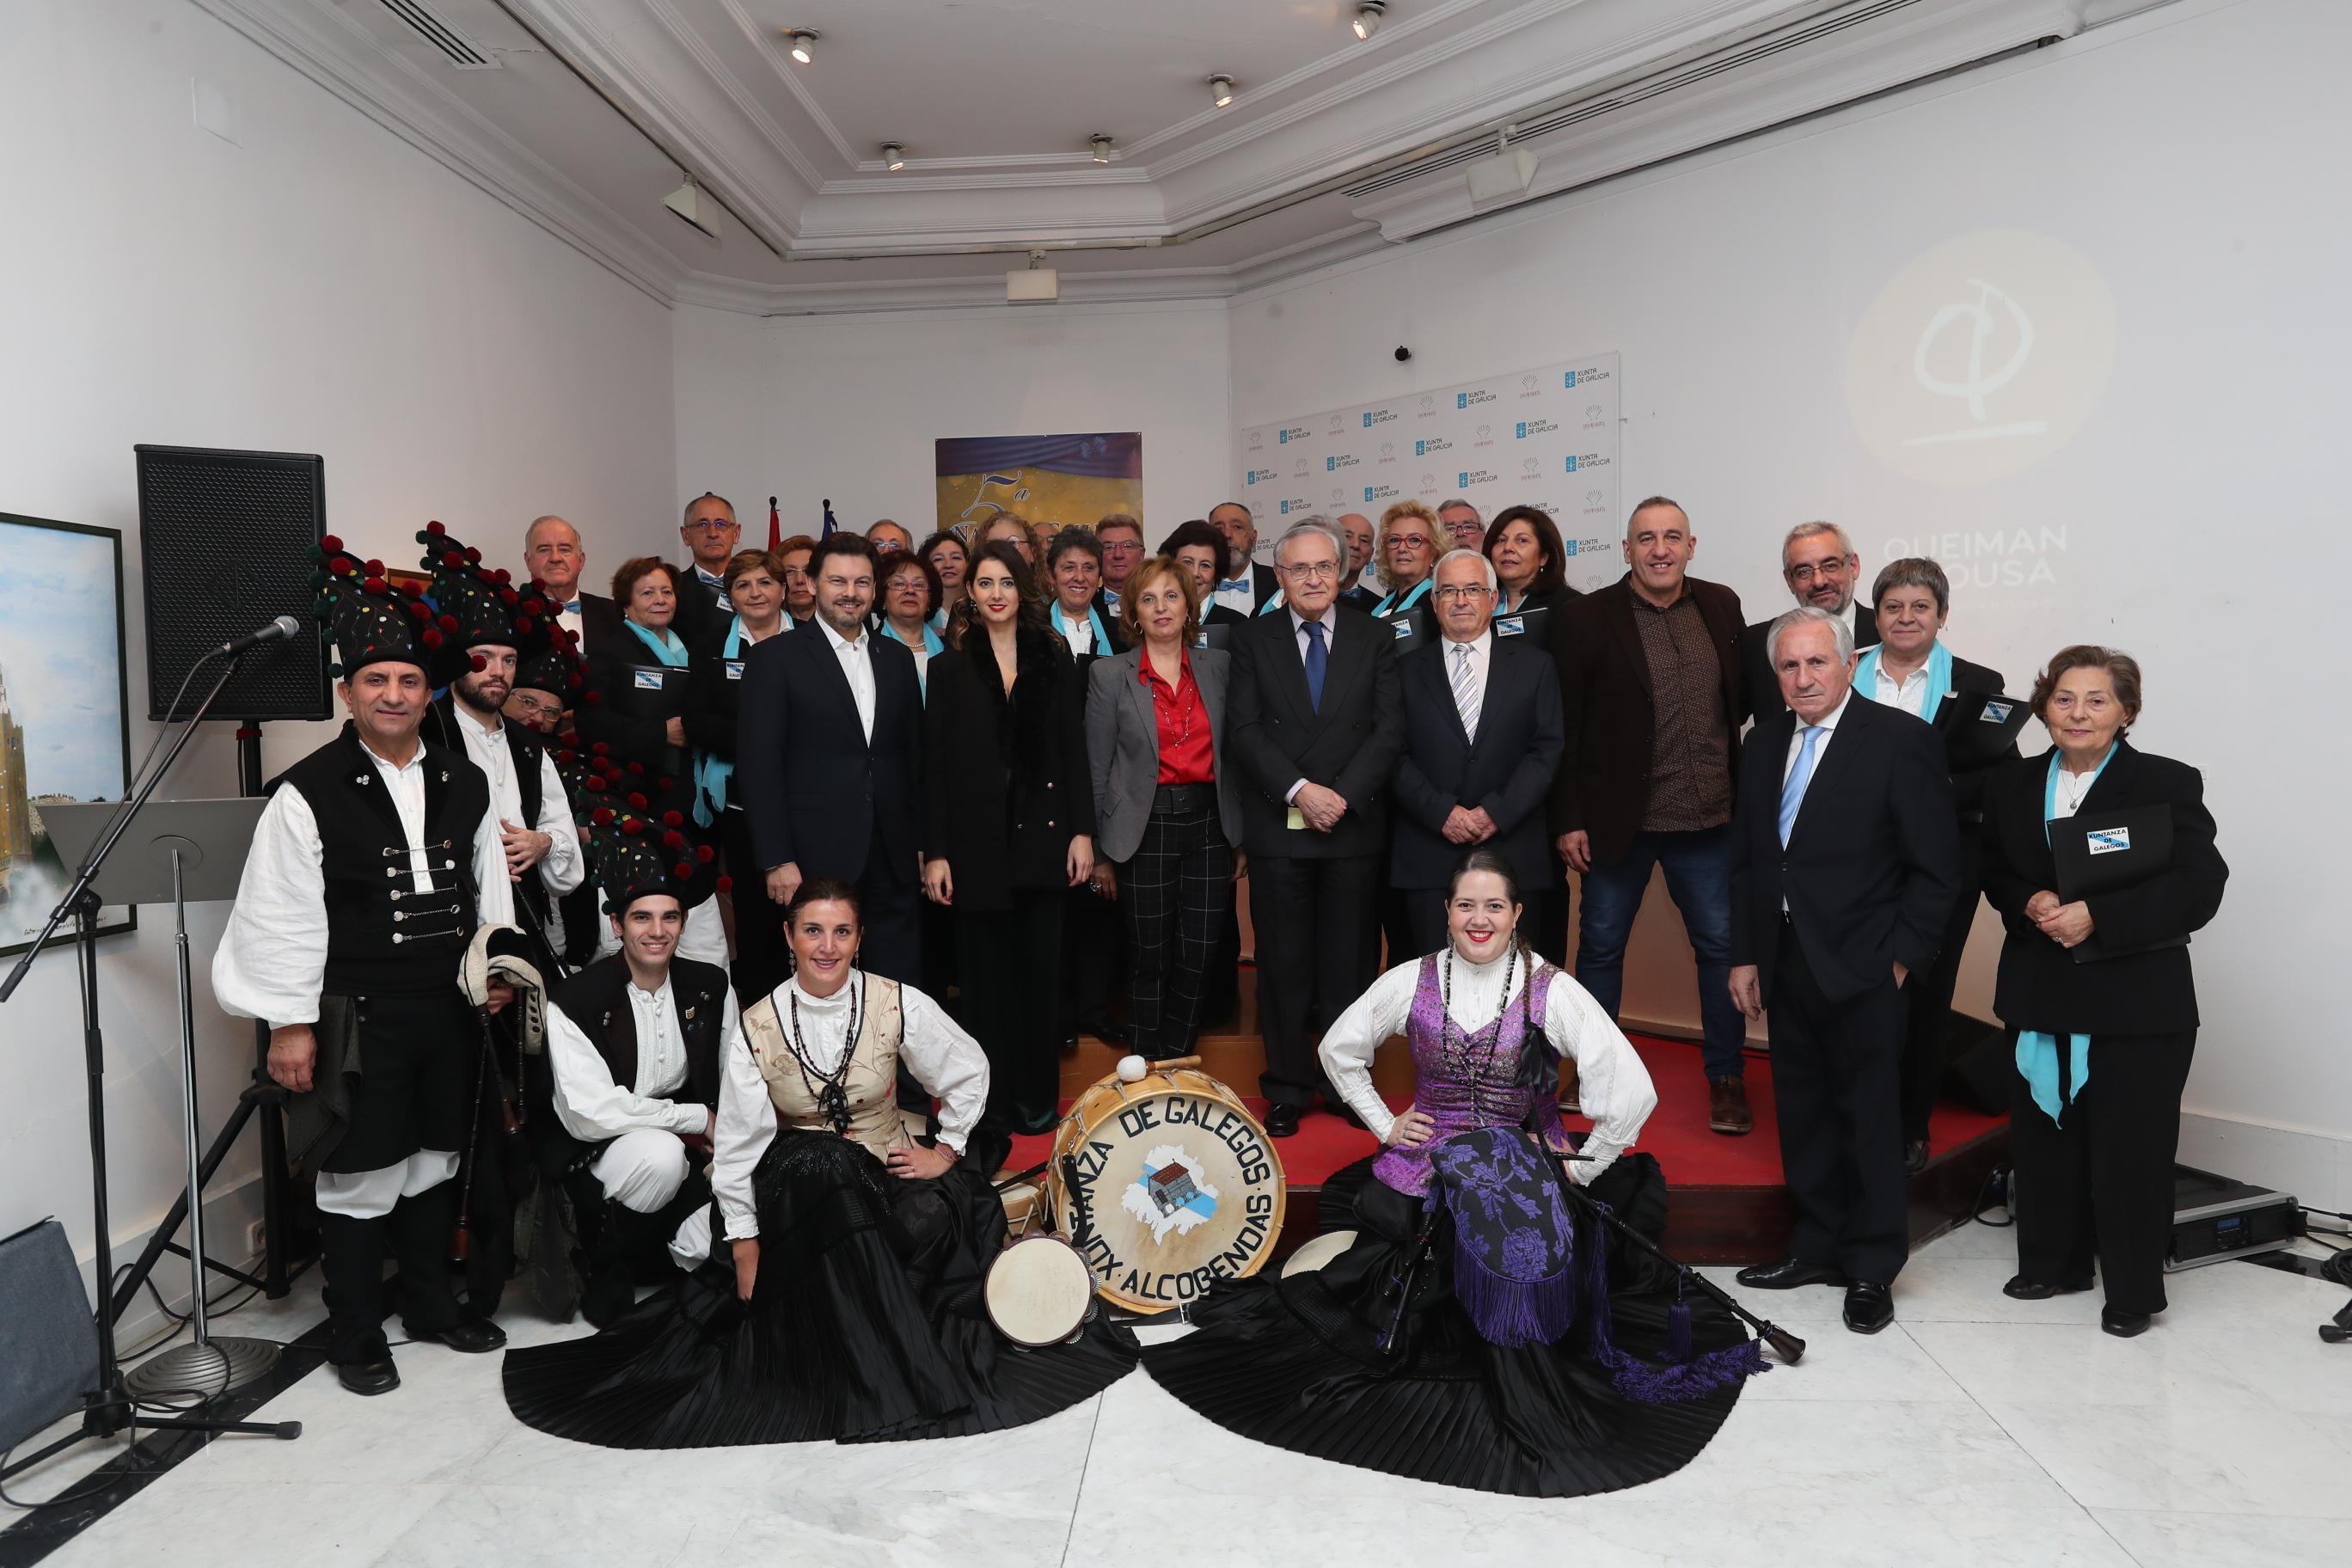 El club deperiodistas gallegos en madrid celebró la fiesta de Navidad